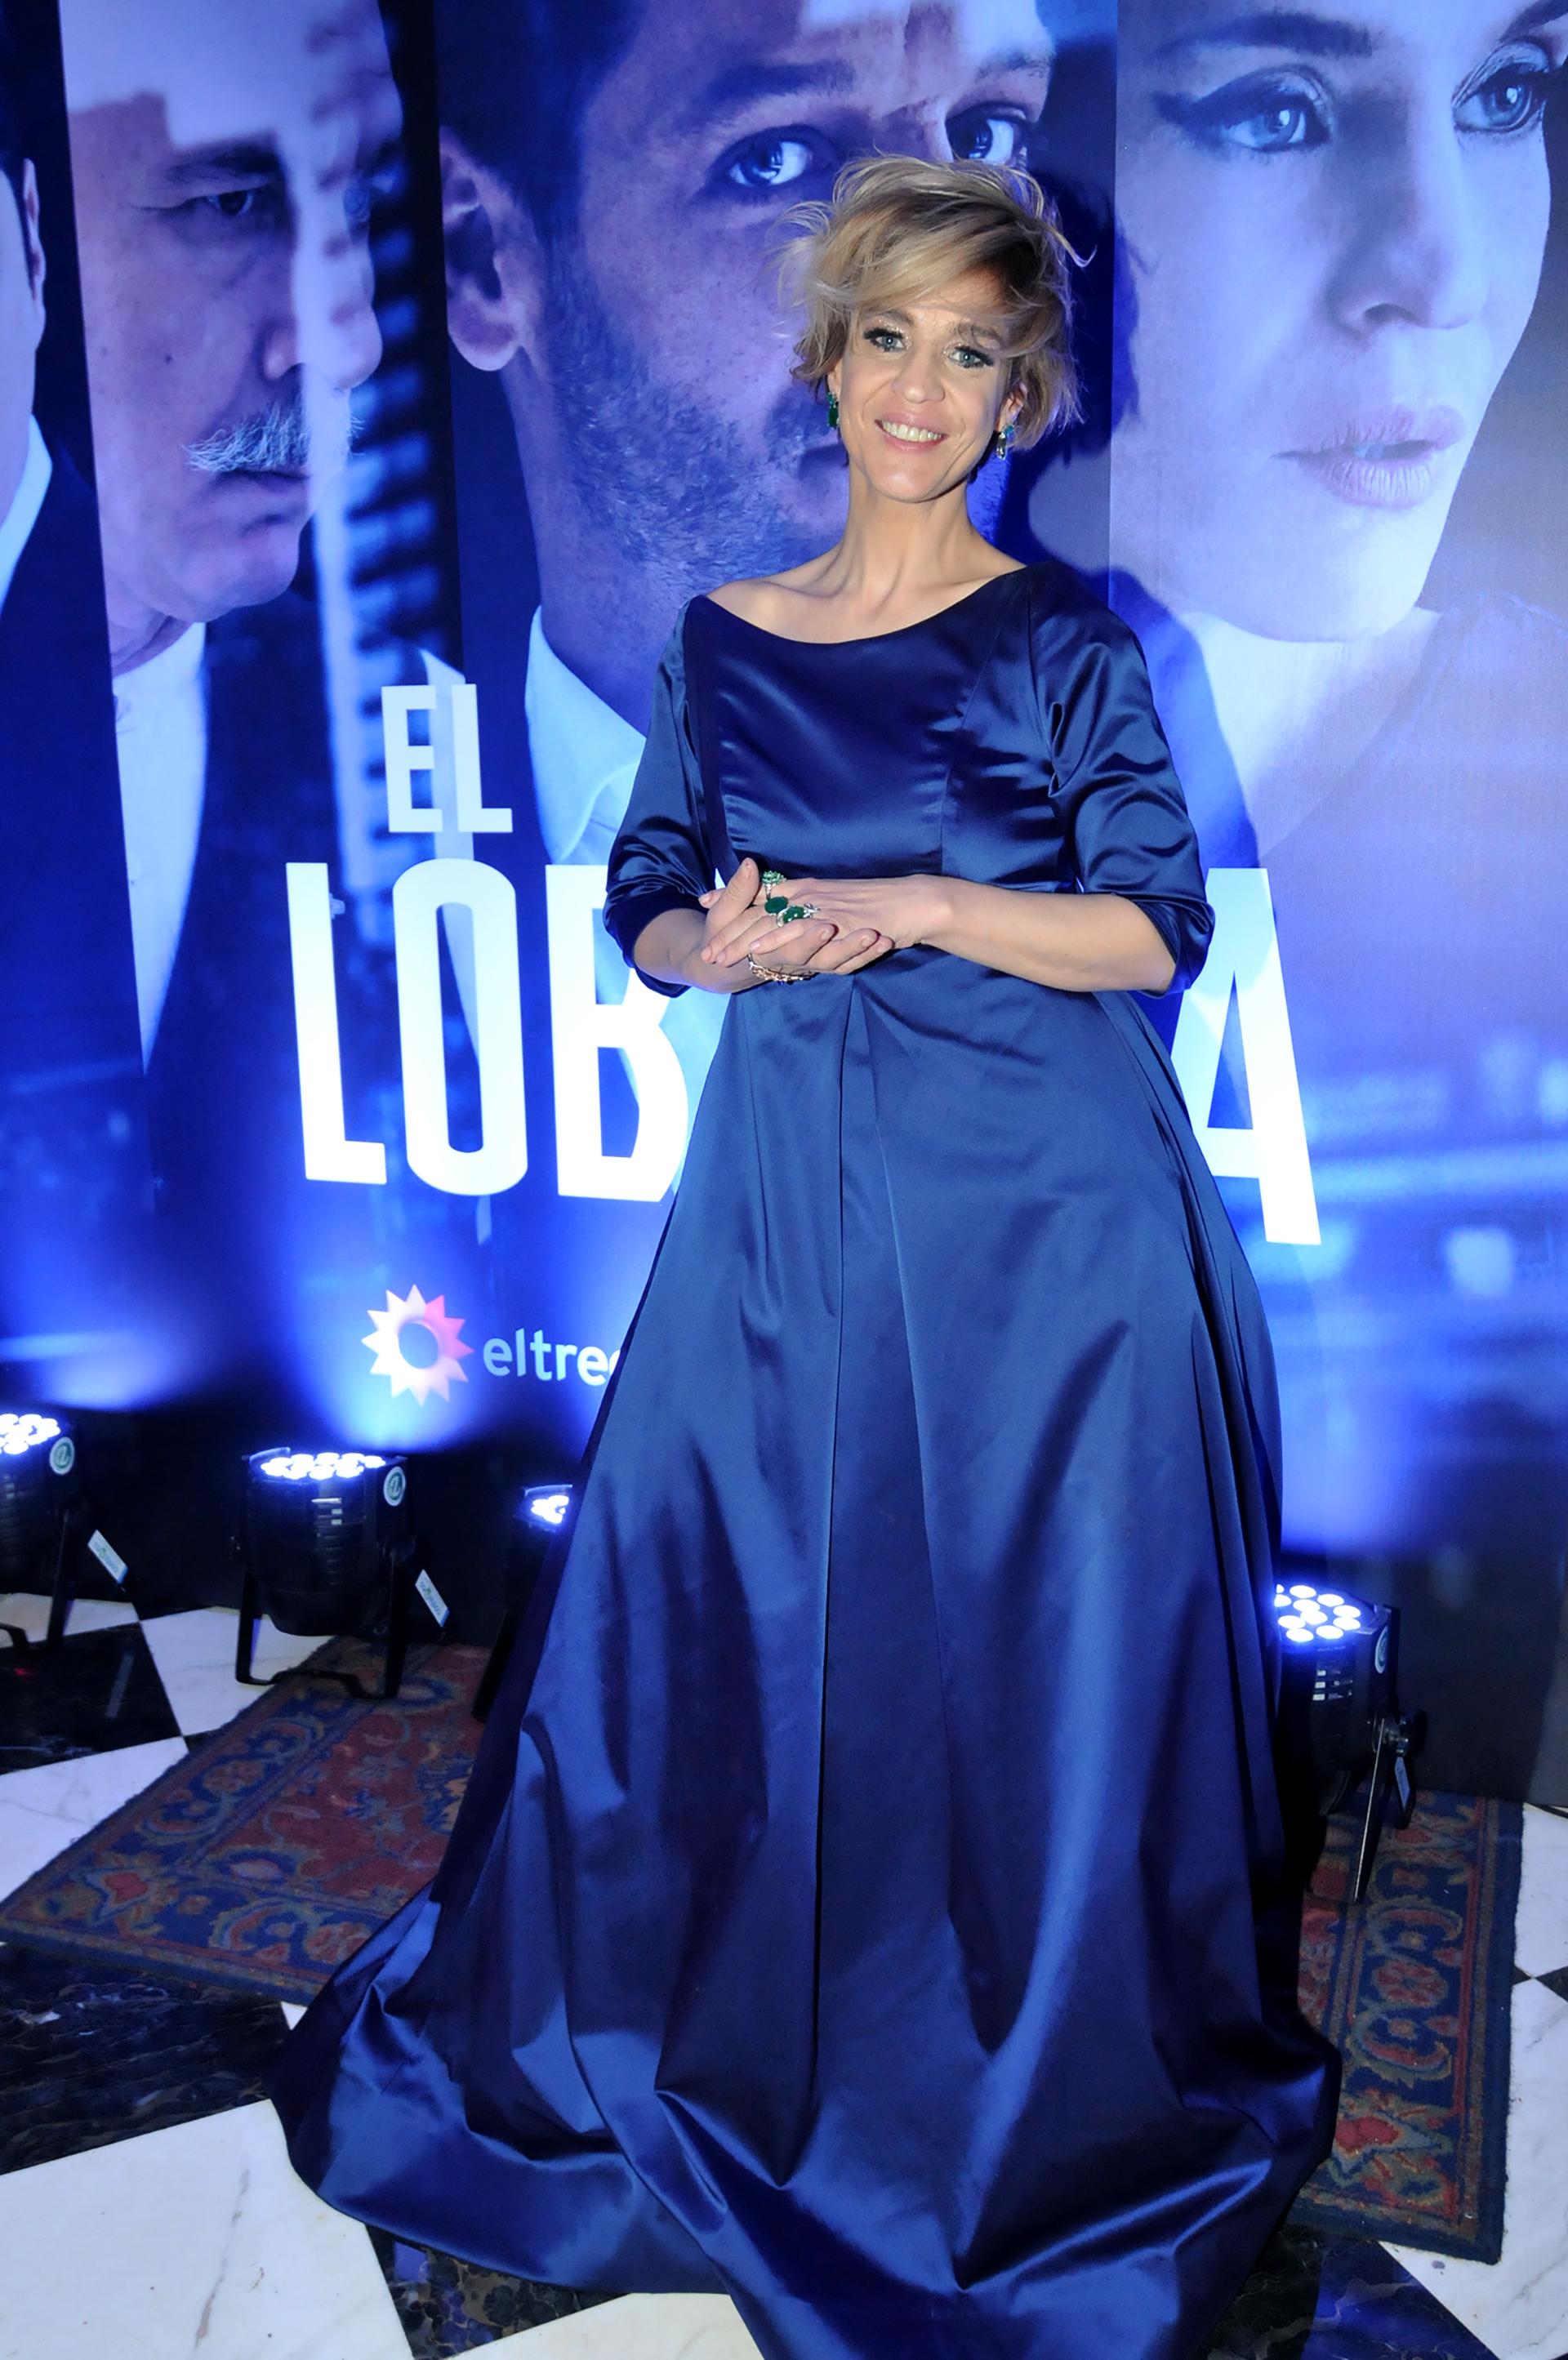 Leticia Brédice interpreta aNatalia Ocampo, la máxima competidora de Matías Franco. Ambos vivirán en pugna, repartiéndose victorias y derrotas por igual